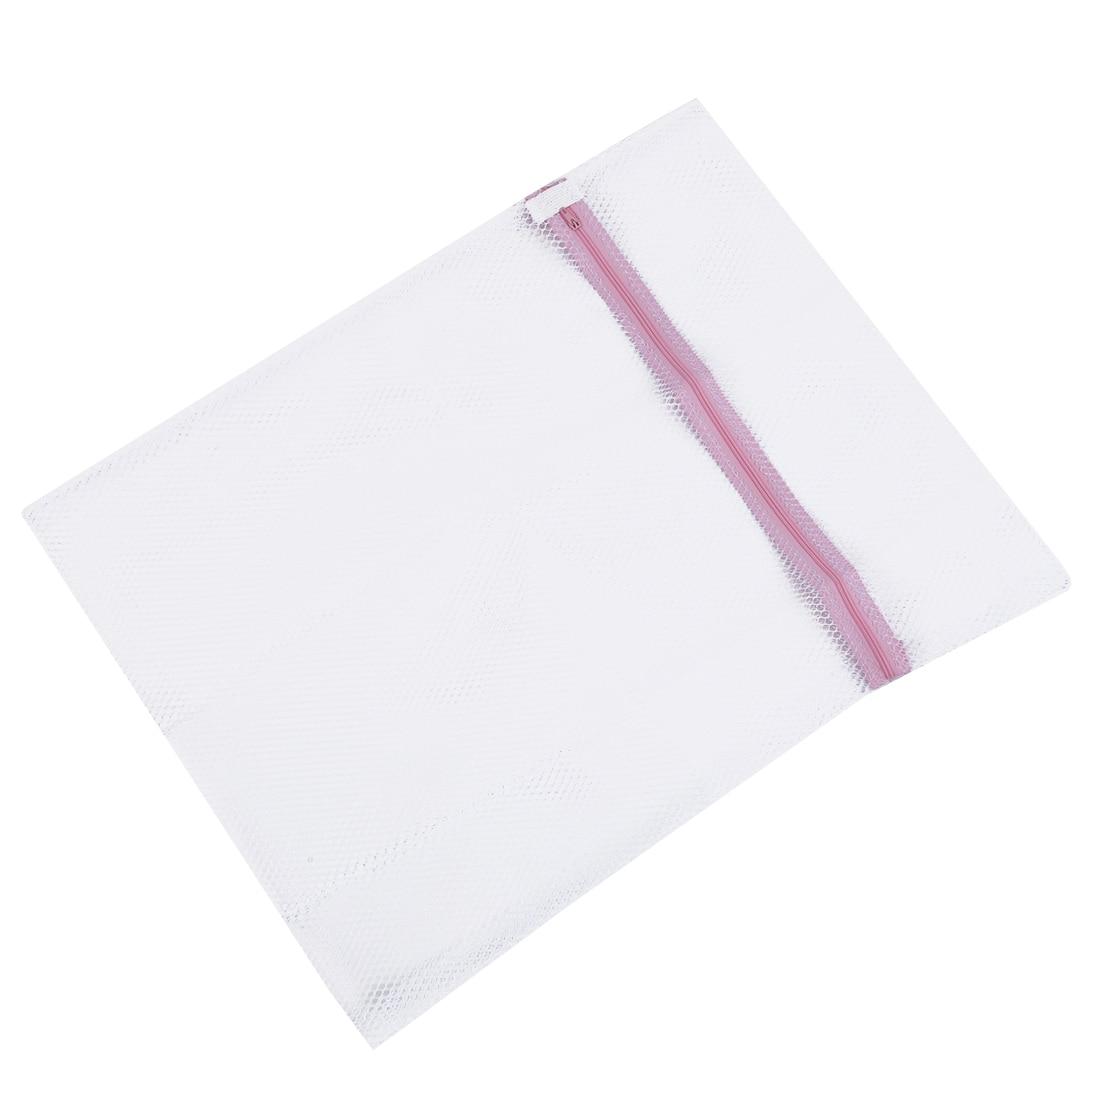 HOT GCZW-New Convenient Practical Bra Clothes Wash Laundry Lingerie Mesh Net Wash Bag 50X40CM